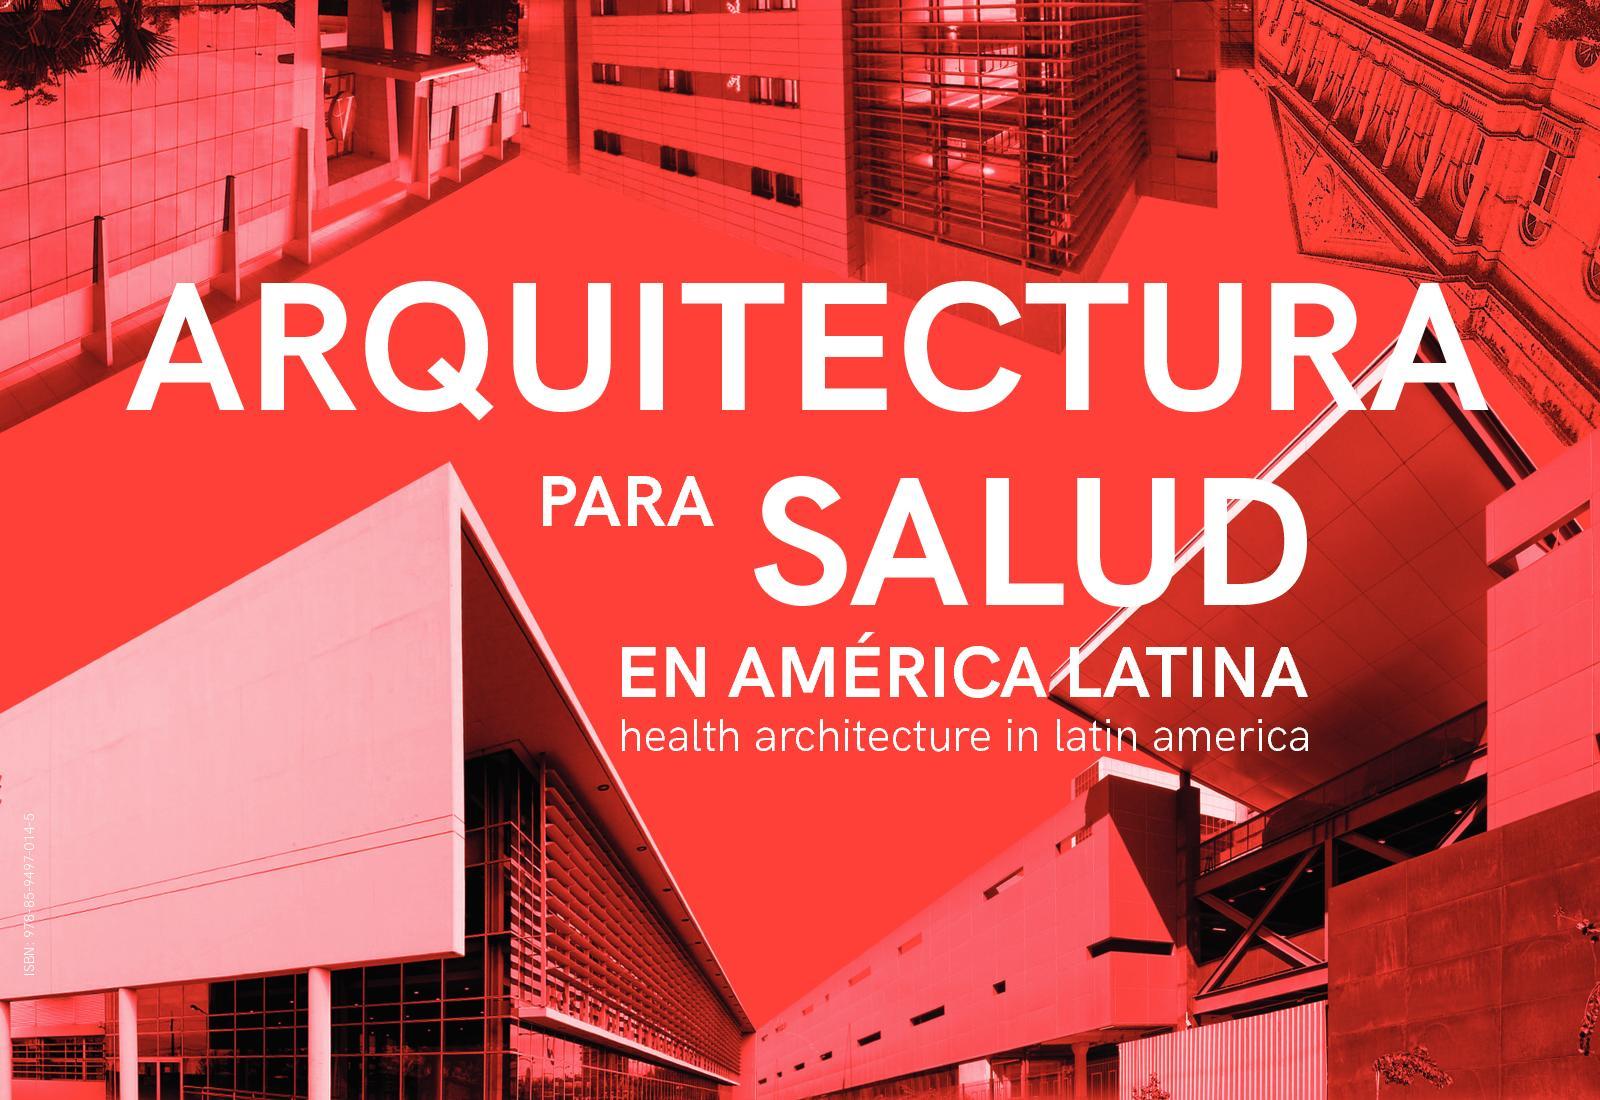 Calaméo - Arquitectura para salud en América Latina 9fba15b42a17